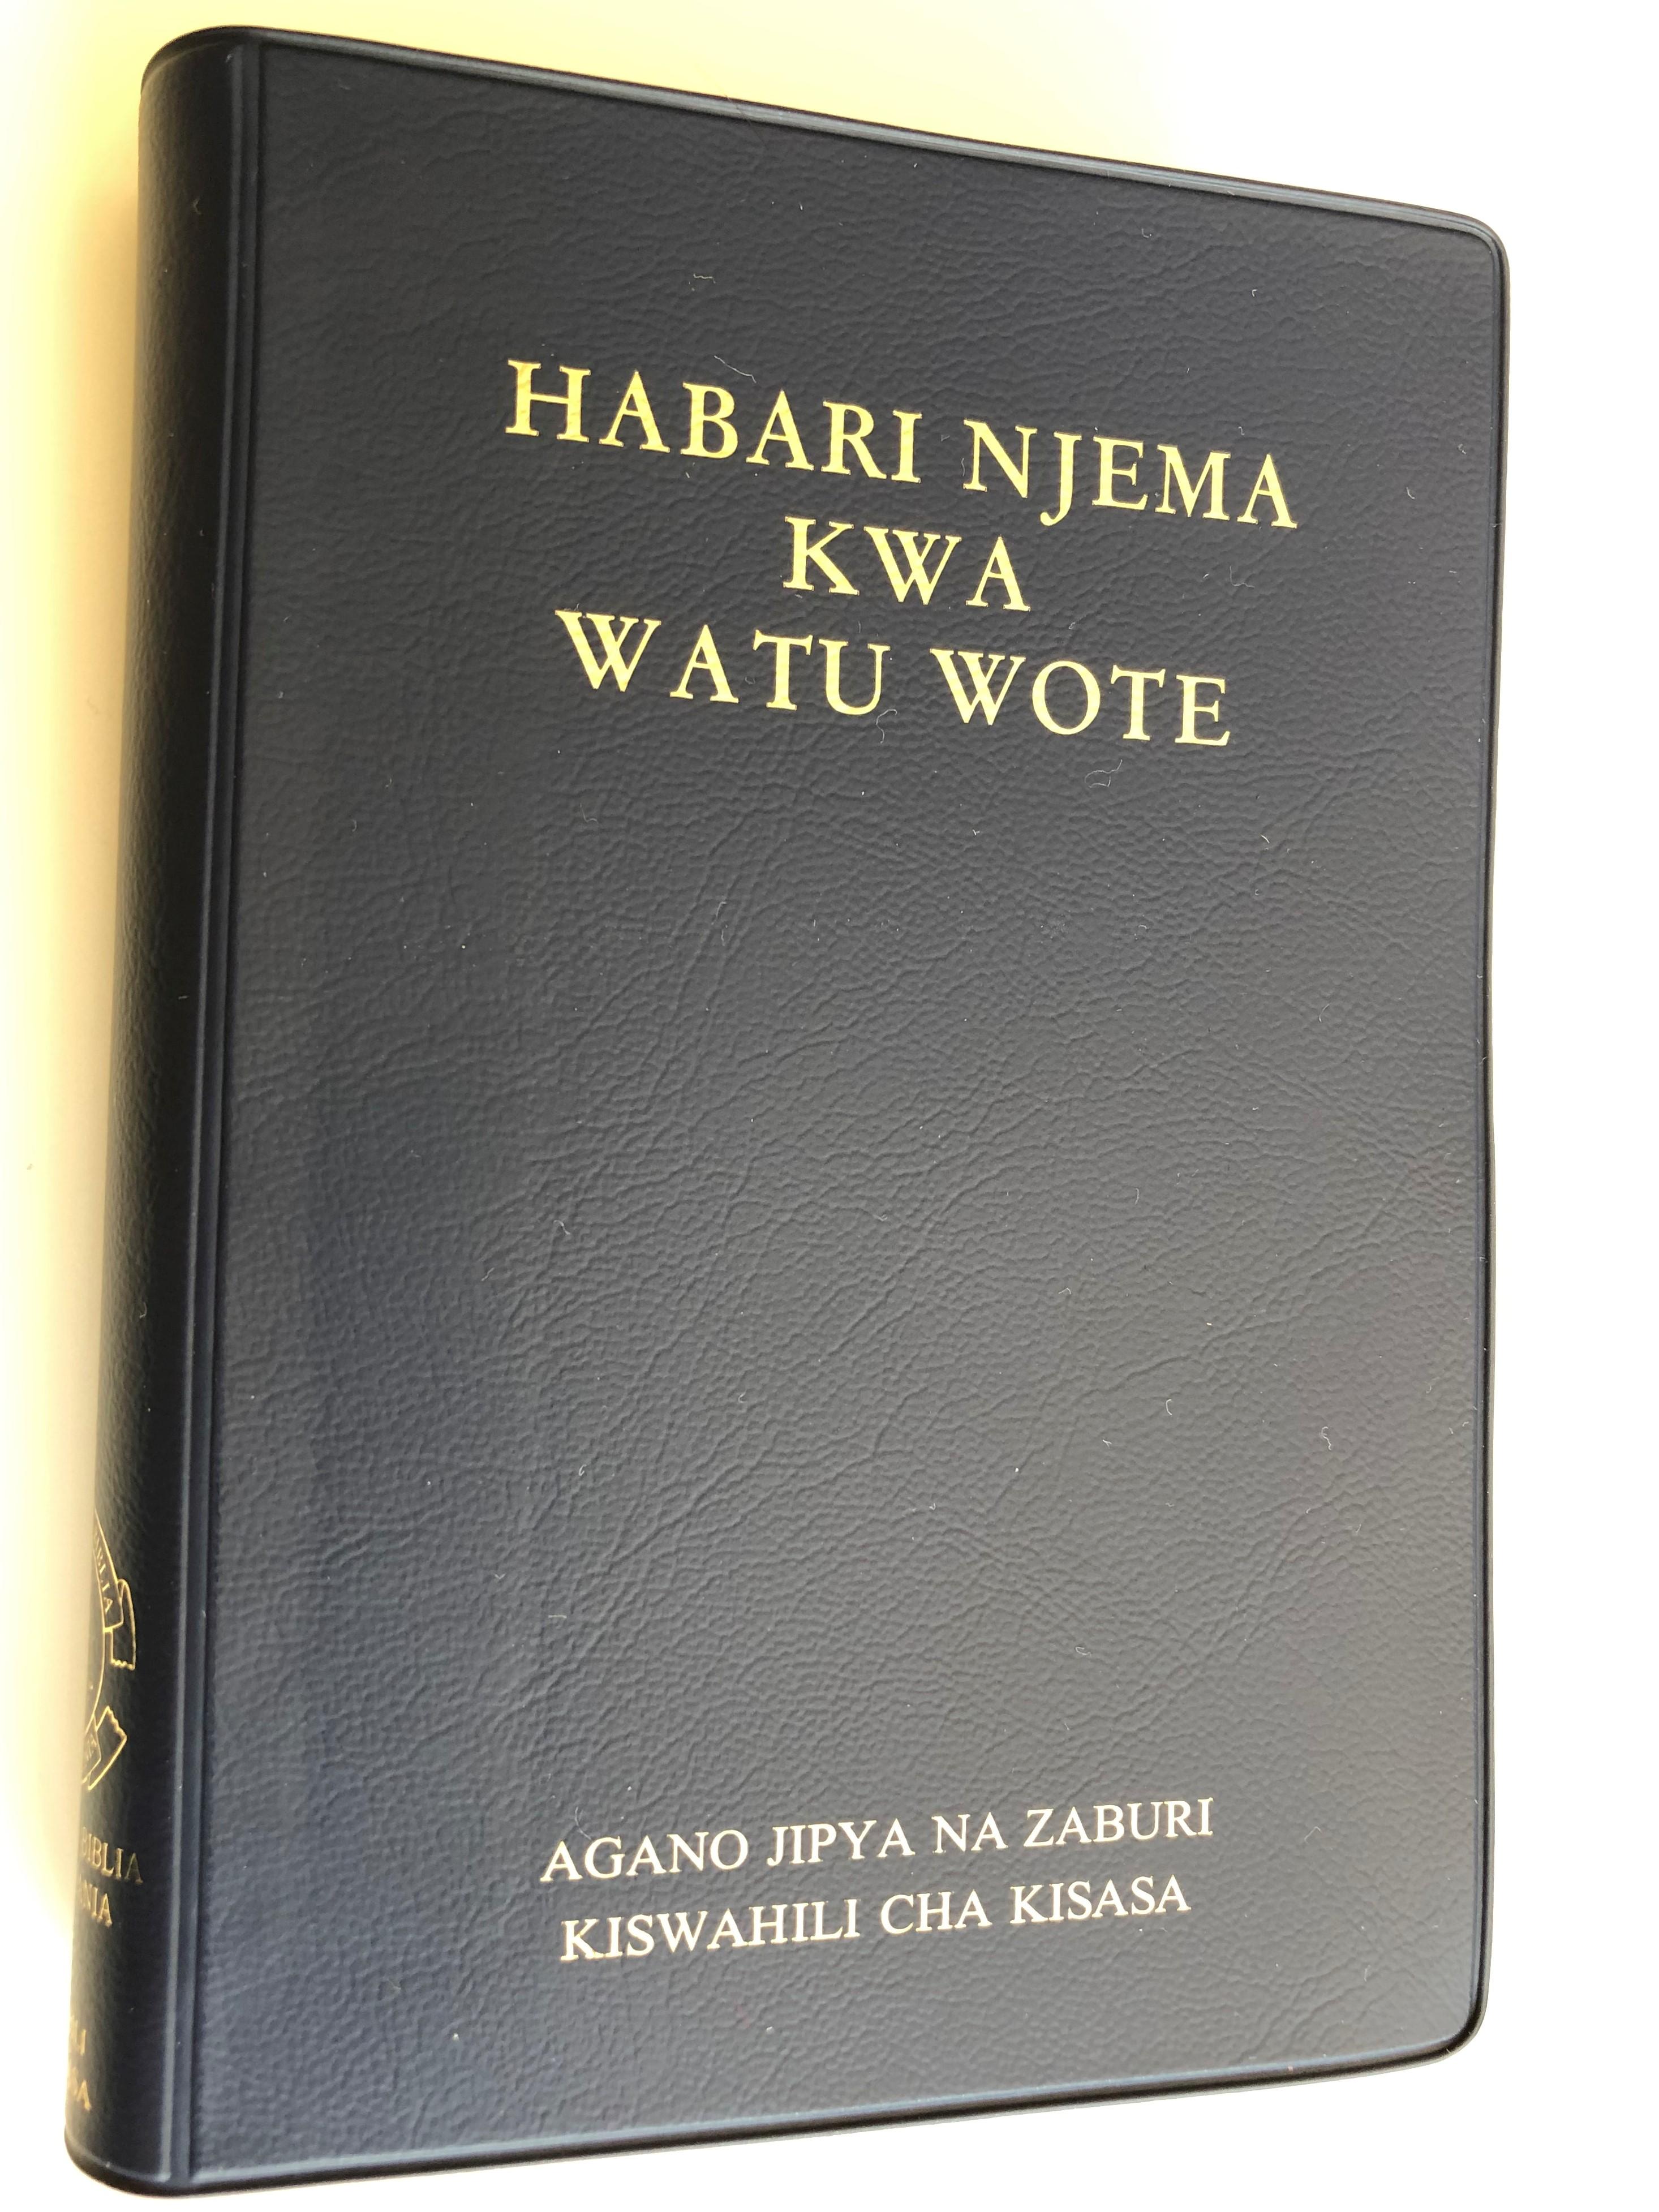 habari-njema-kwa-watu-wote-the-new-testament-and-psalms-in-kiswahili-agano-jipya-na-zaburi-kiswahili-cha-kisasa-softcover-vynil-bound-bible-societies-of-kenya-tanzania-nairobi-dodoma-2010-1-.jpg